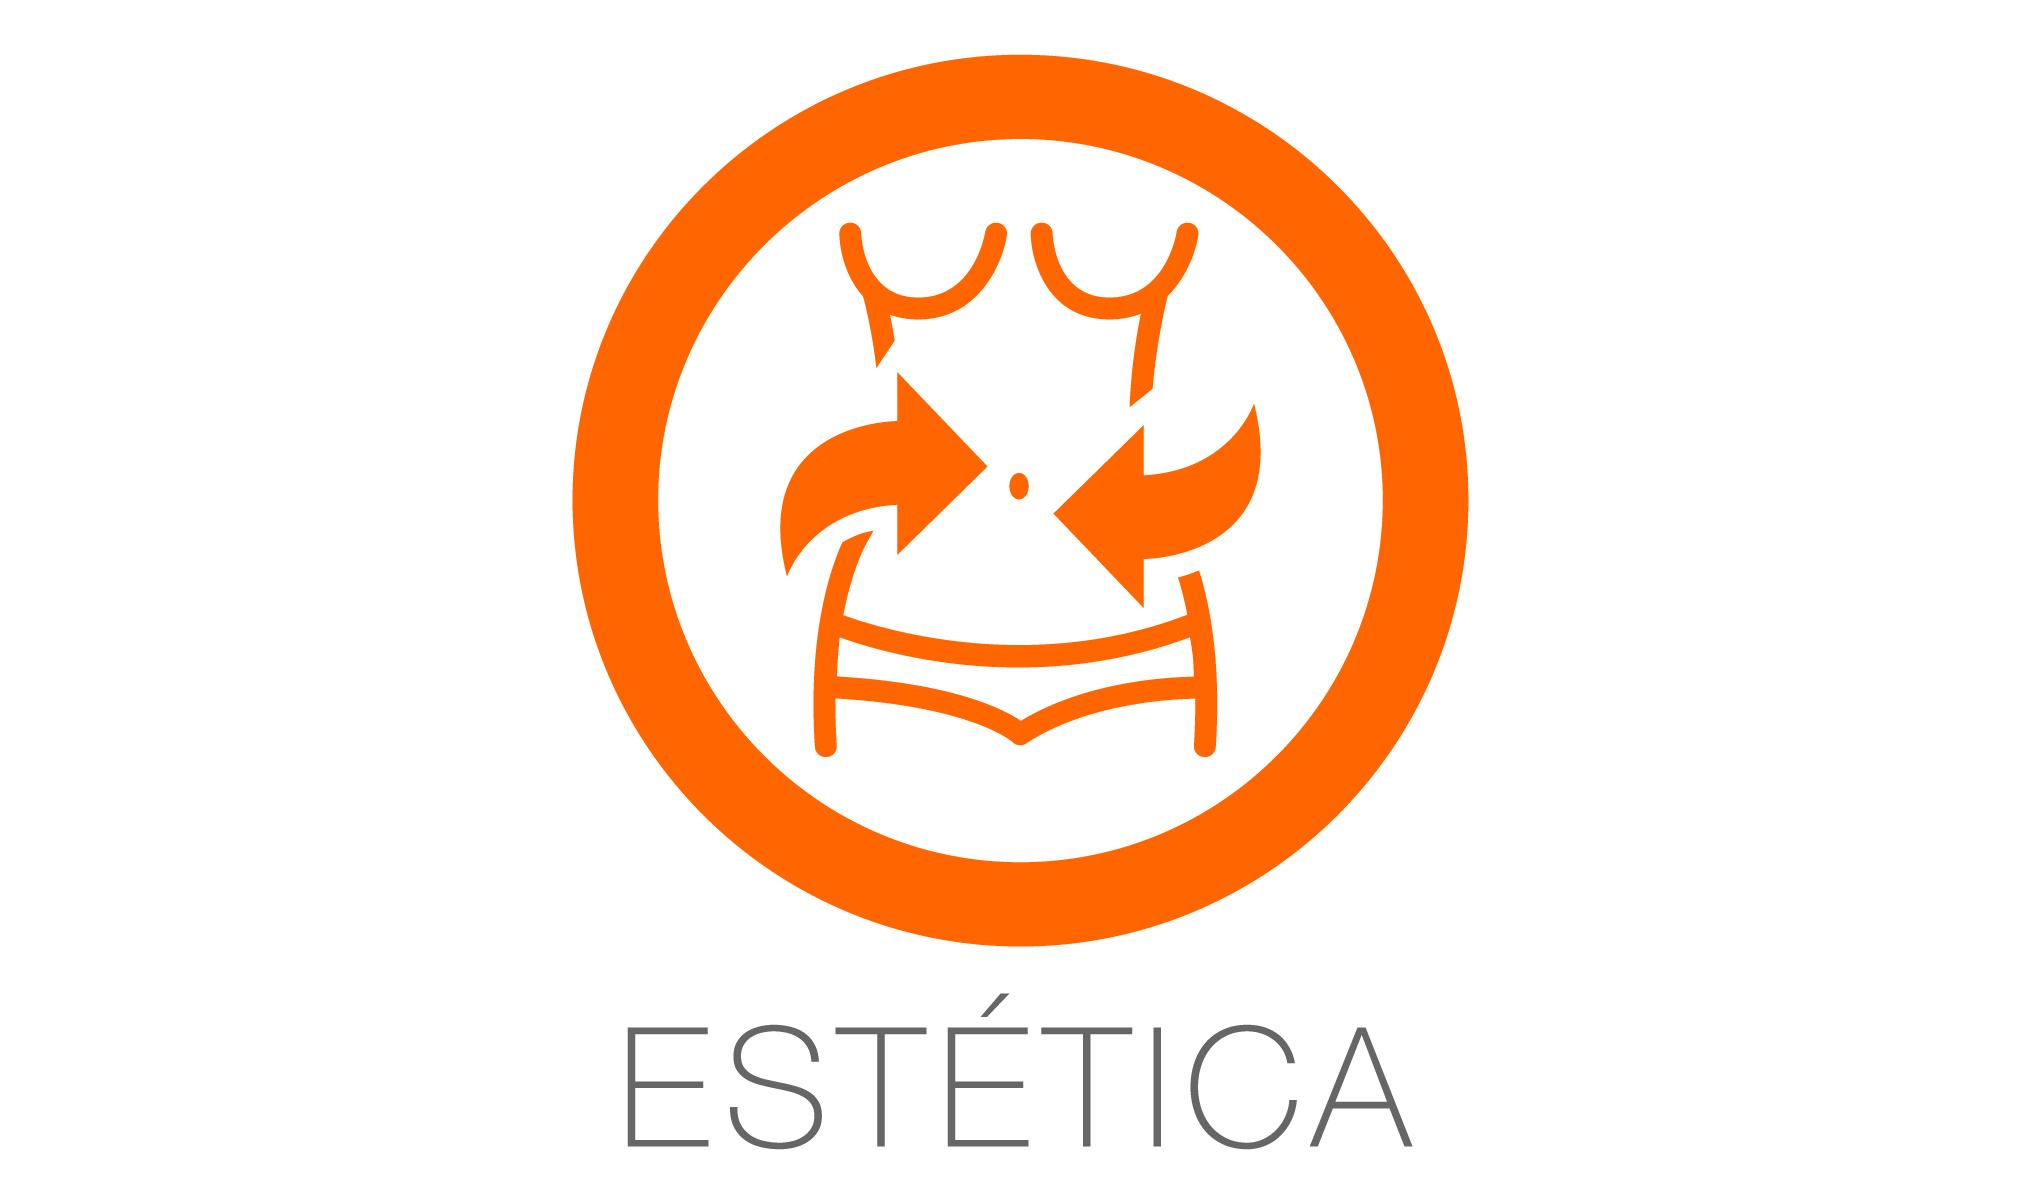 https://0201.nccdn.net/4_2/000/000/038/2d3/estetica-2040x1184.jpg